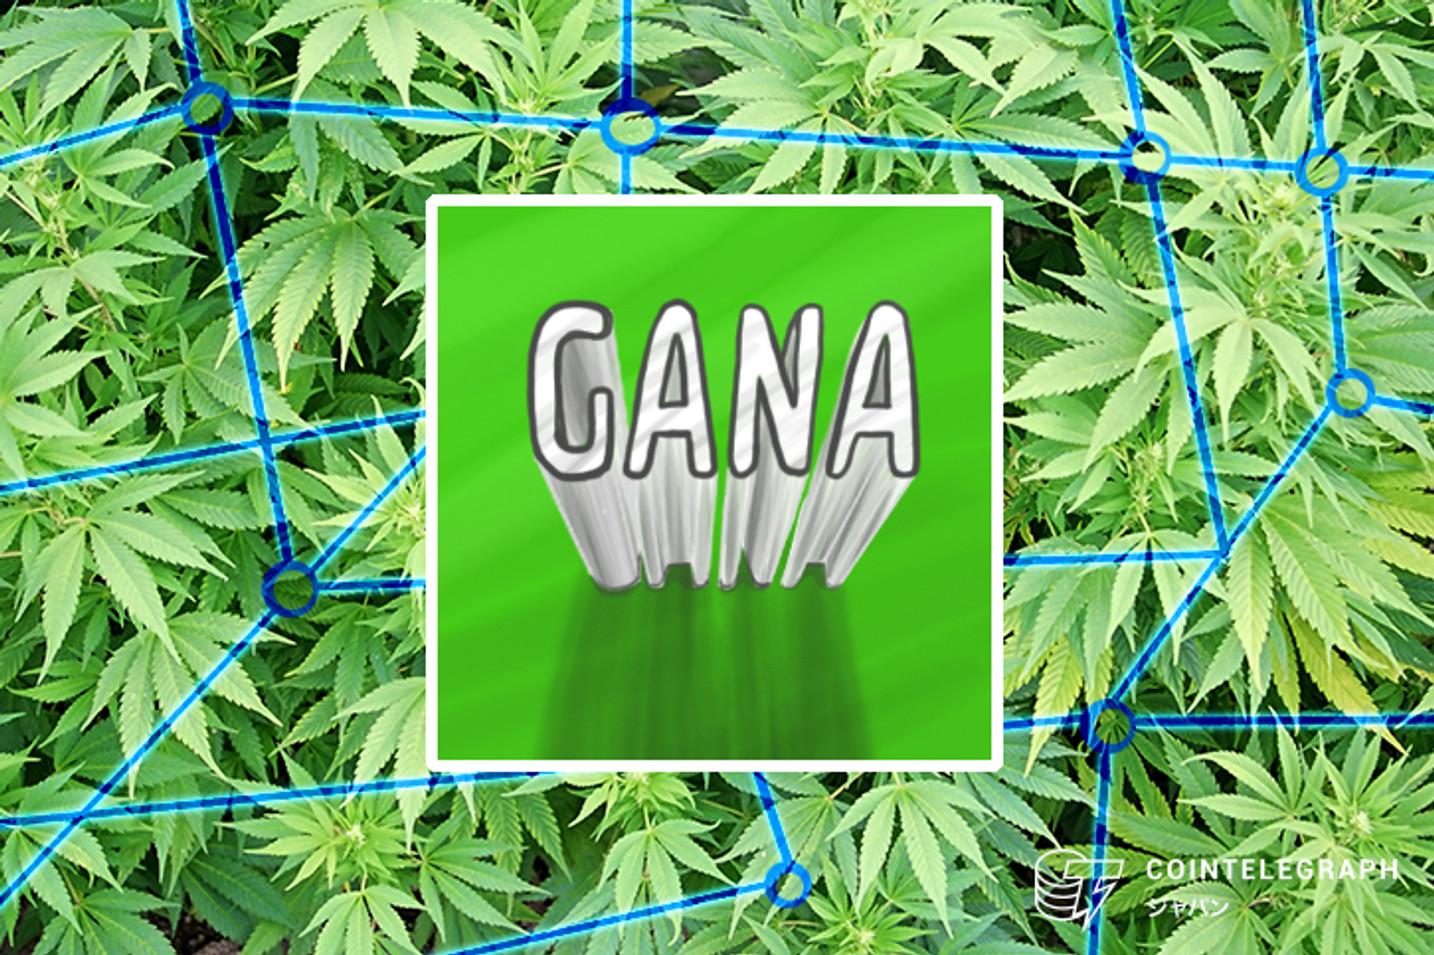 GANAテクノロジー、医療大麻事業でブロックチェーンとAIを採用